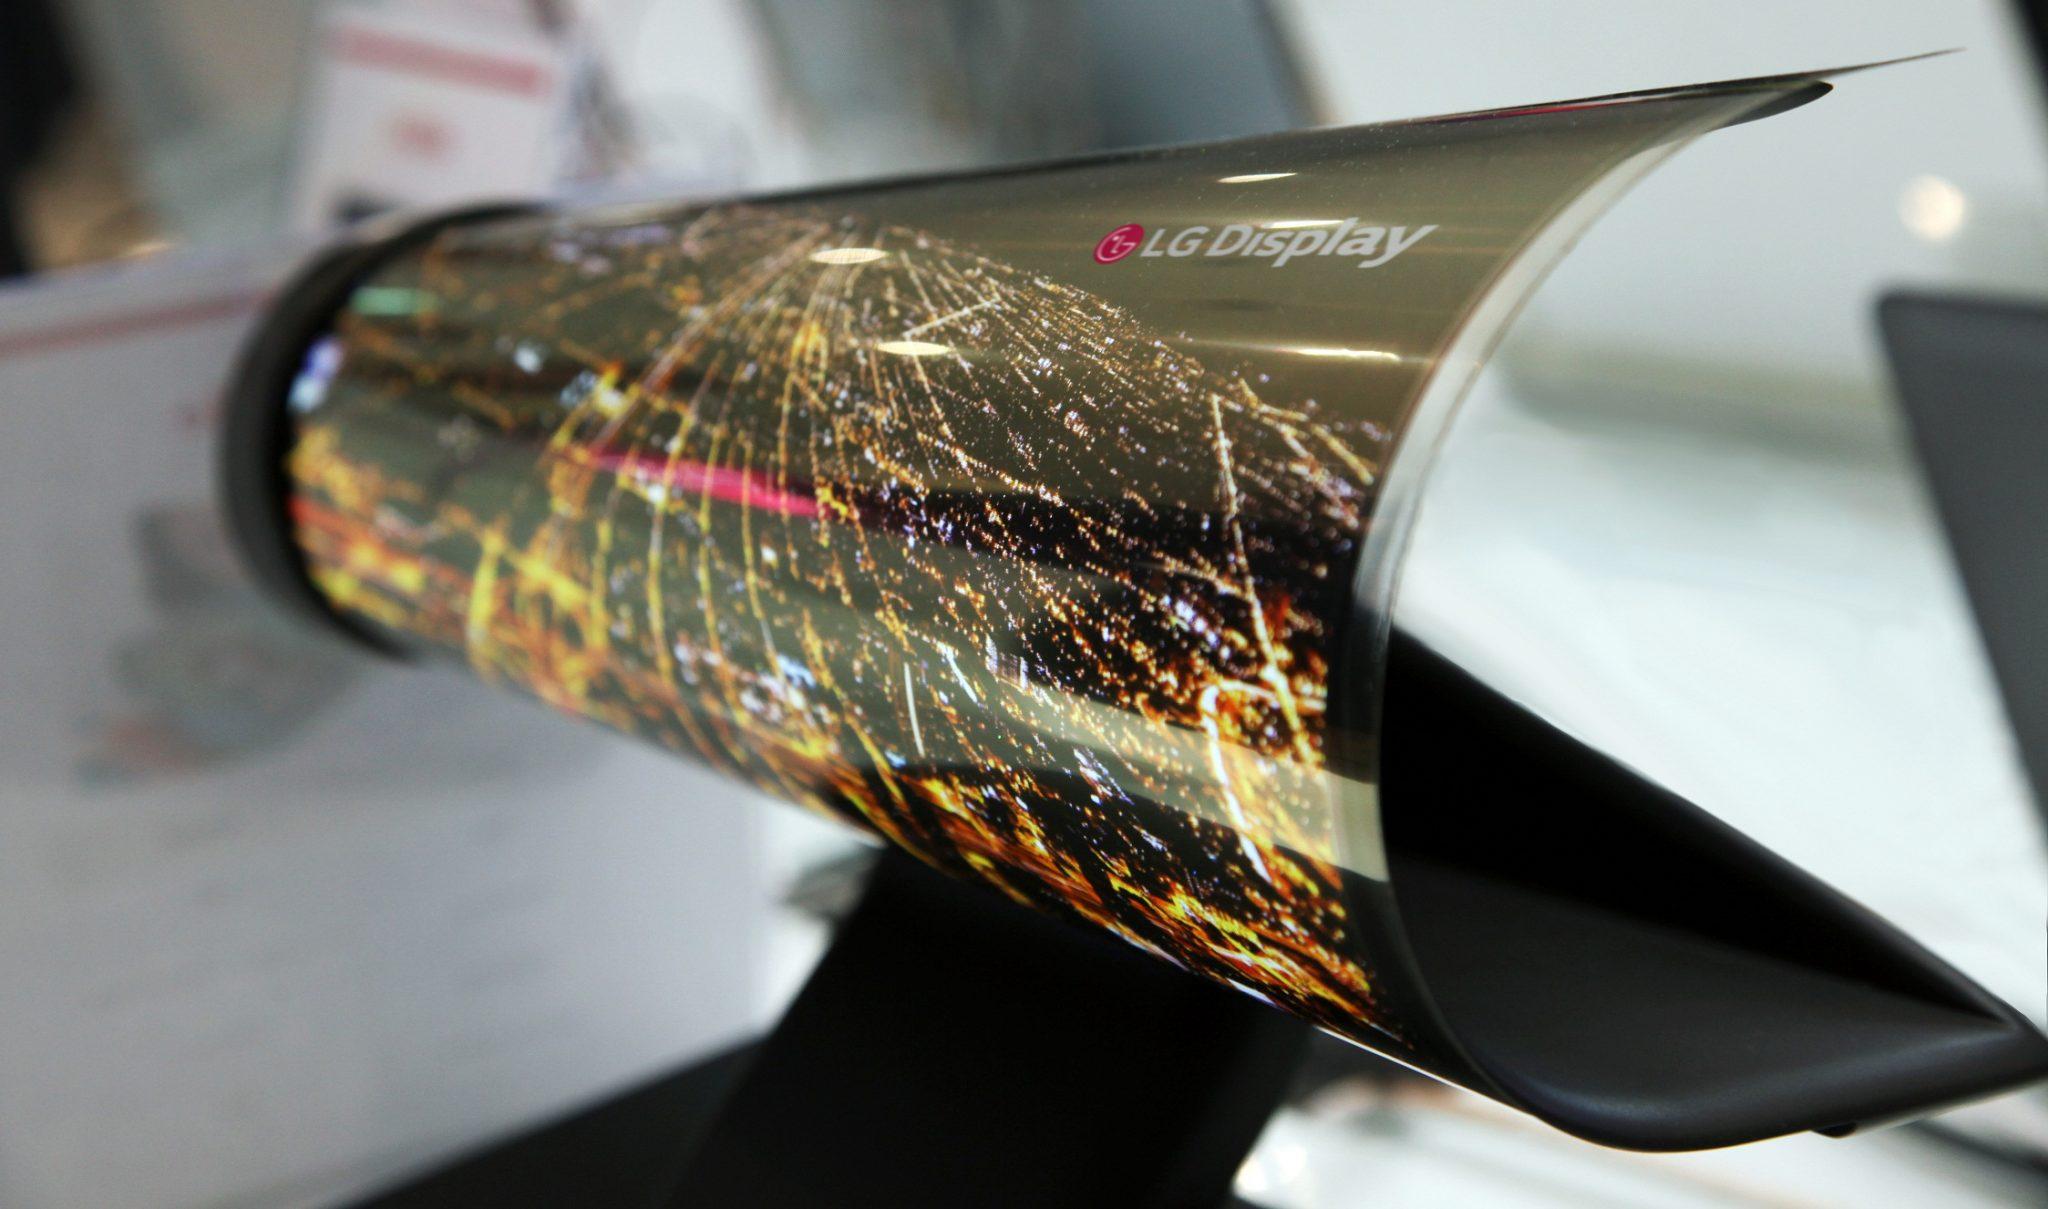 LG hat bereits zur CES 2016 ein biegbares Display gezeigt – wenn auch nicht mit 65 Zoll (Bild: LG Display)